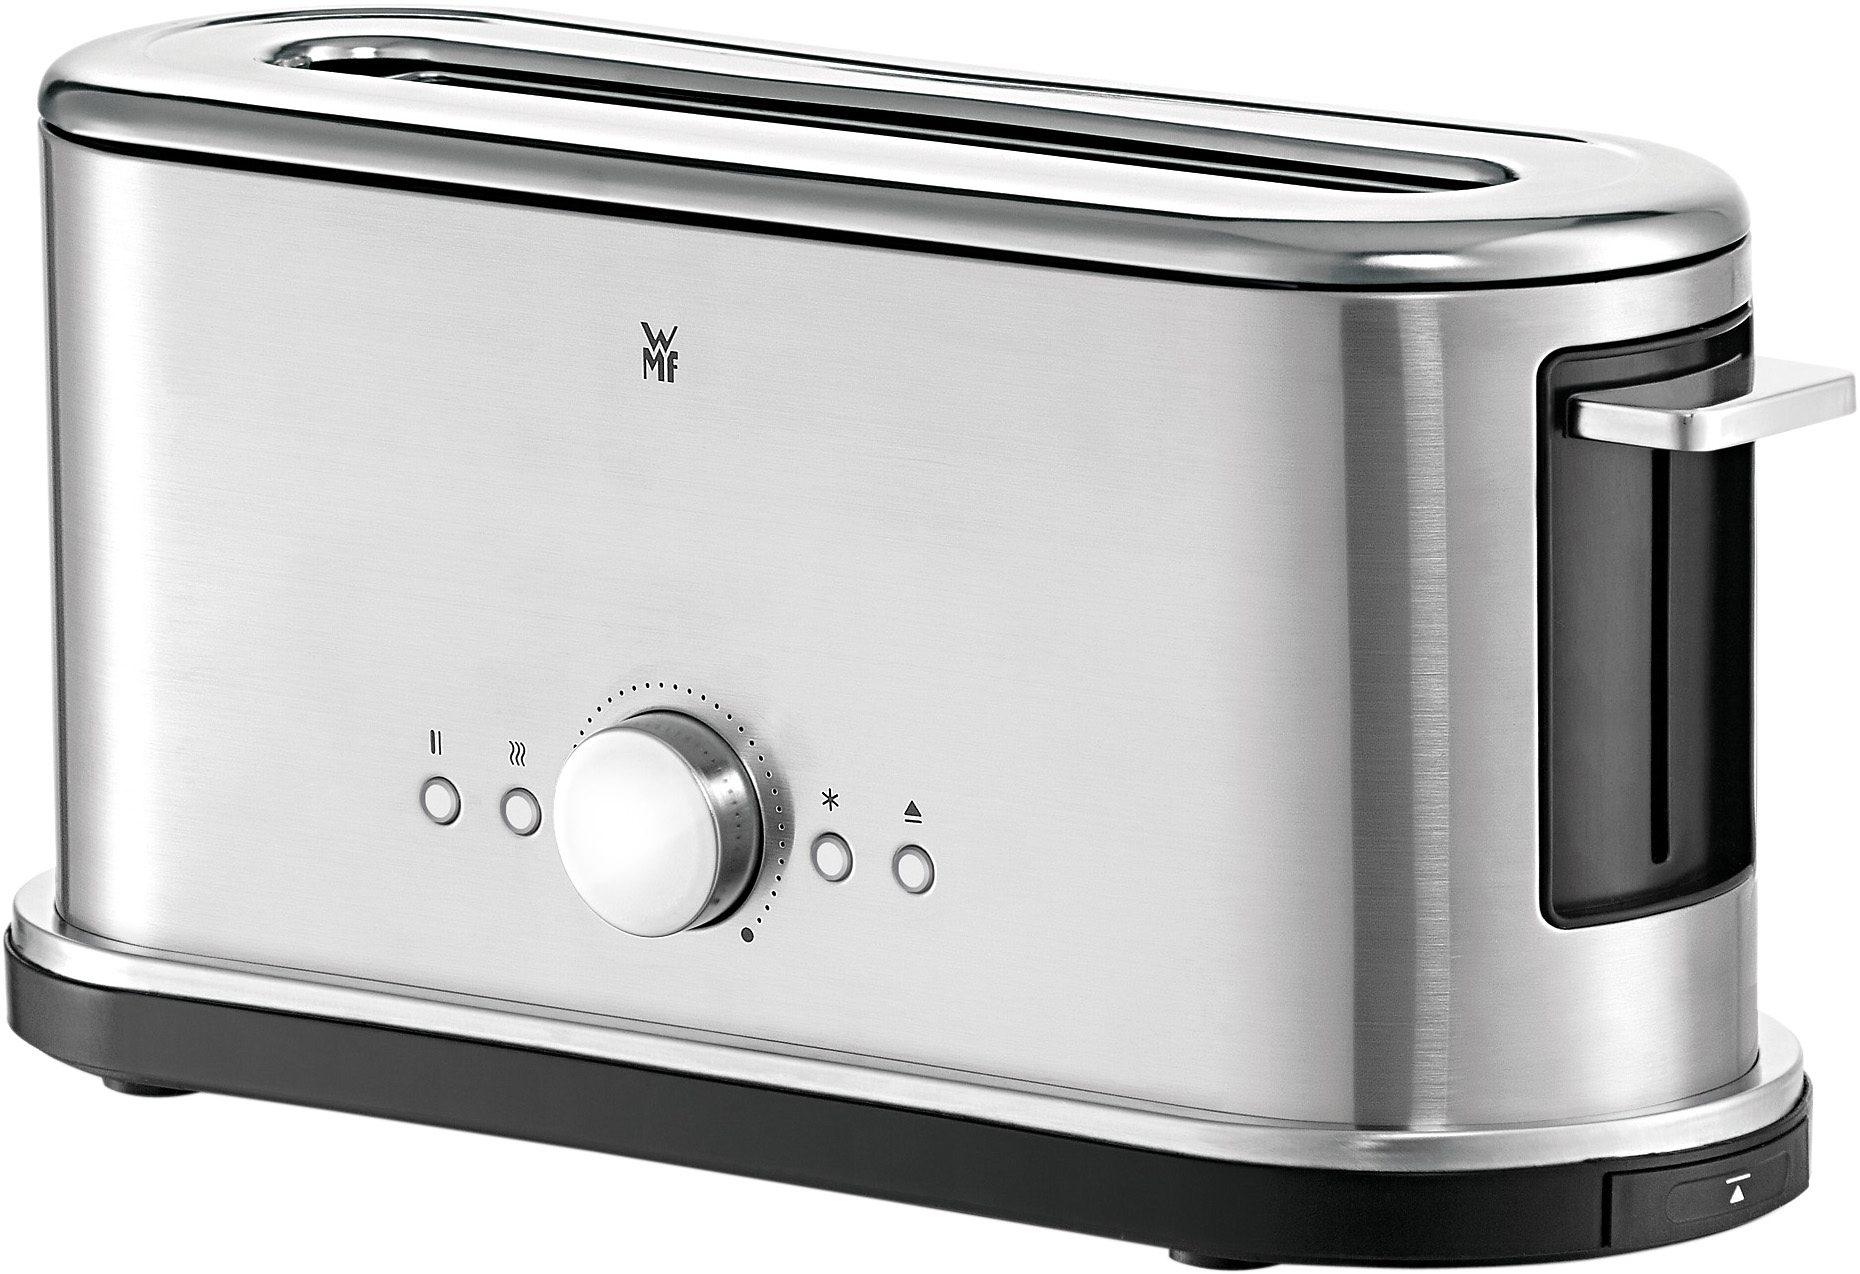 wmf toaster lineo 900 watt auf rechnung bestellen. Black Bedroom Furniture Sets. Home Design Ideas